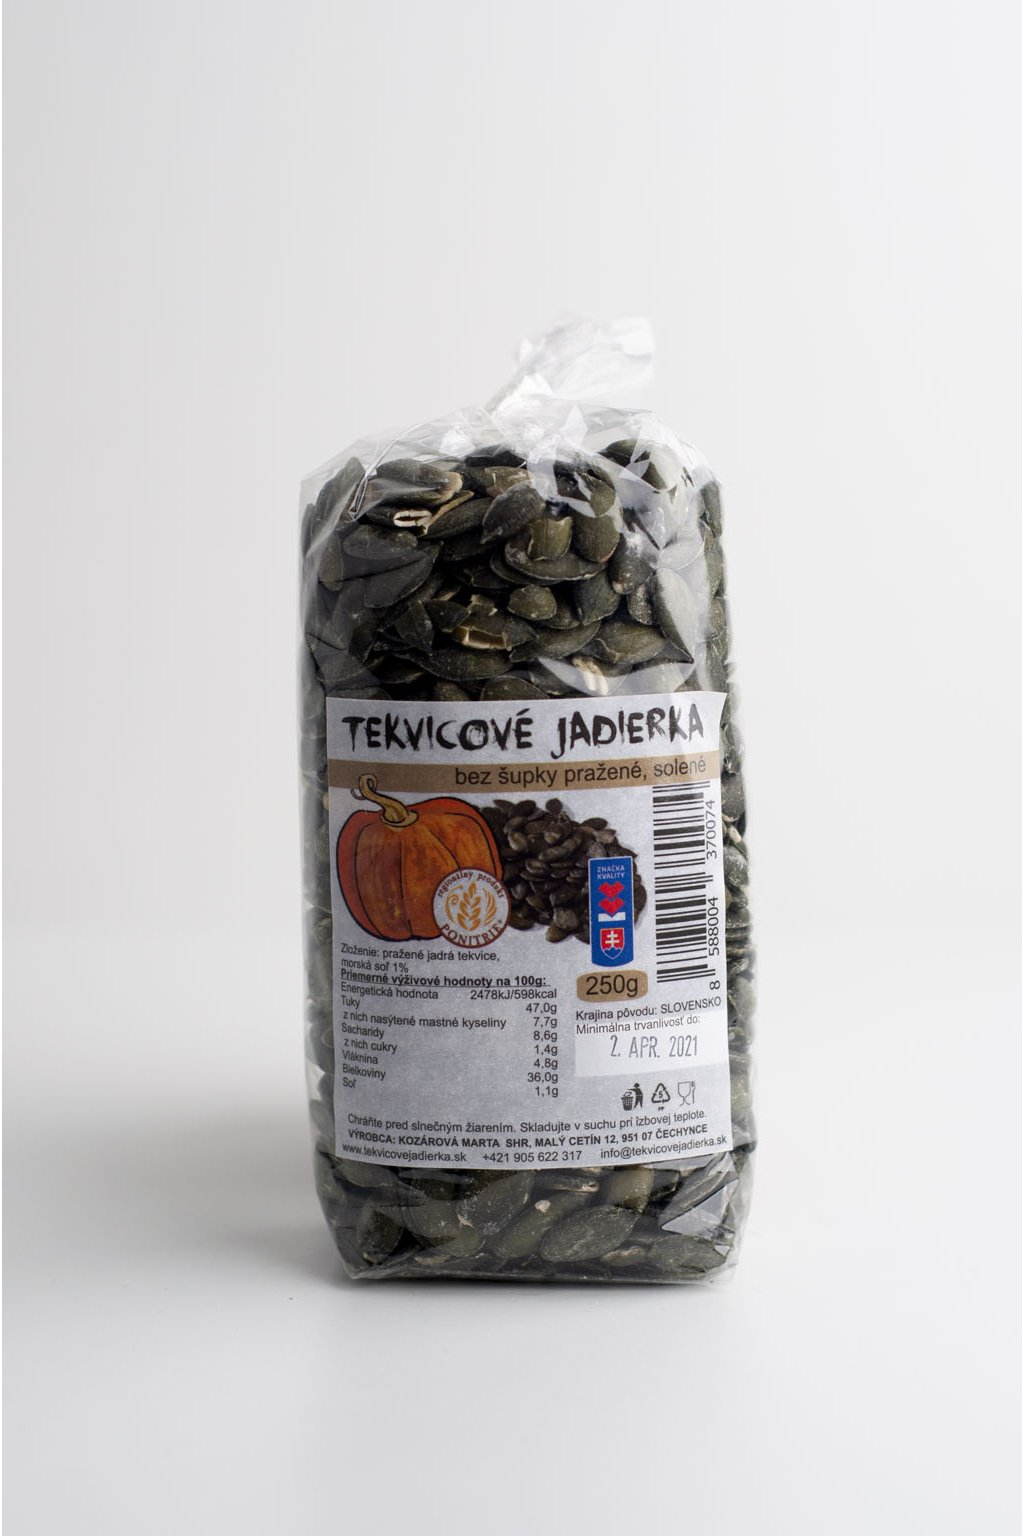 Tekvicové jadierka - bez šupky pražené, solené - 250g